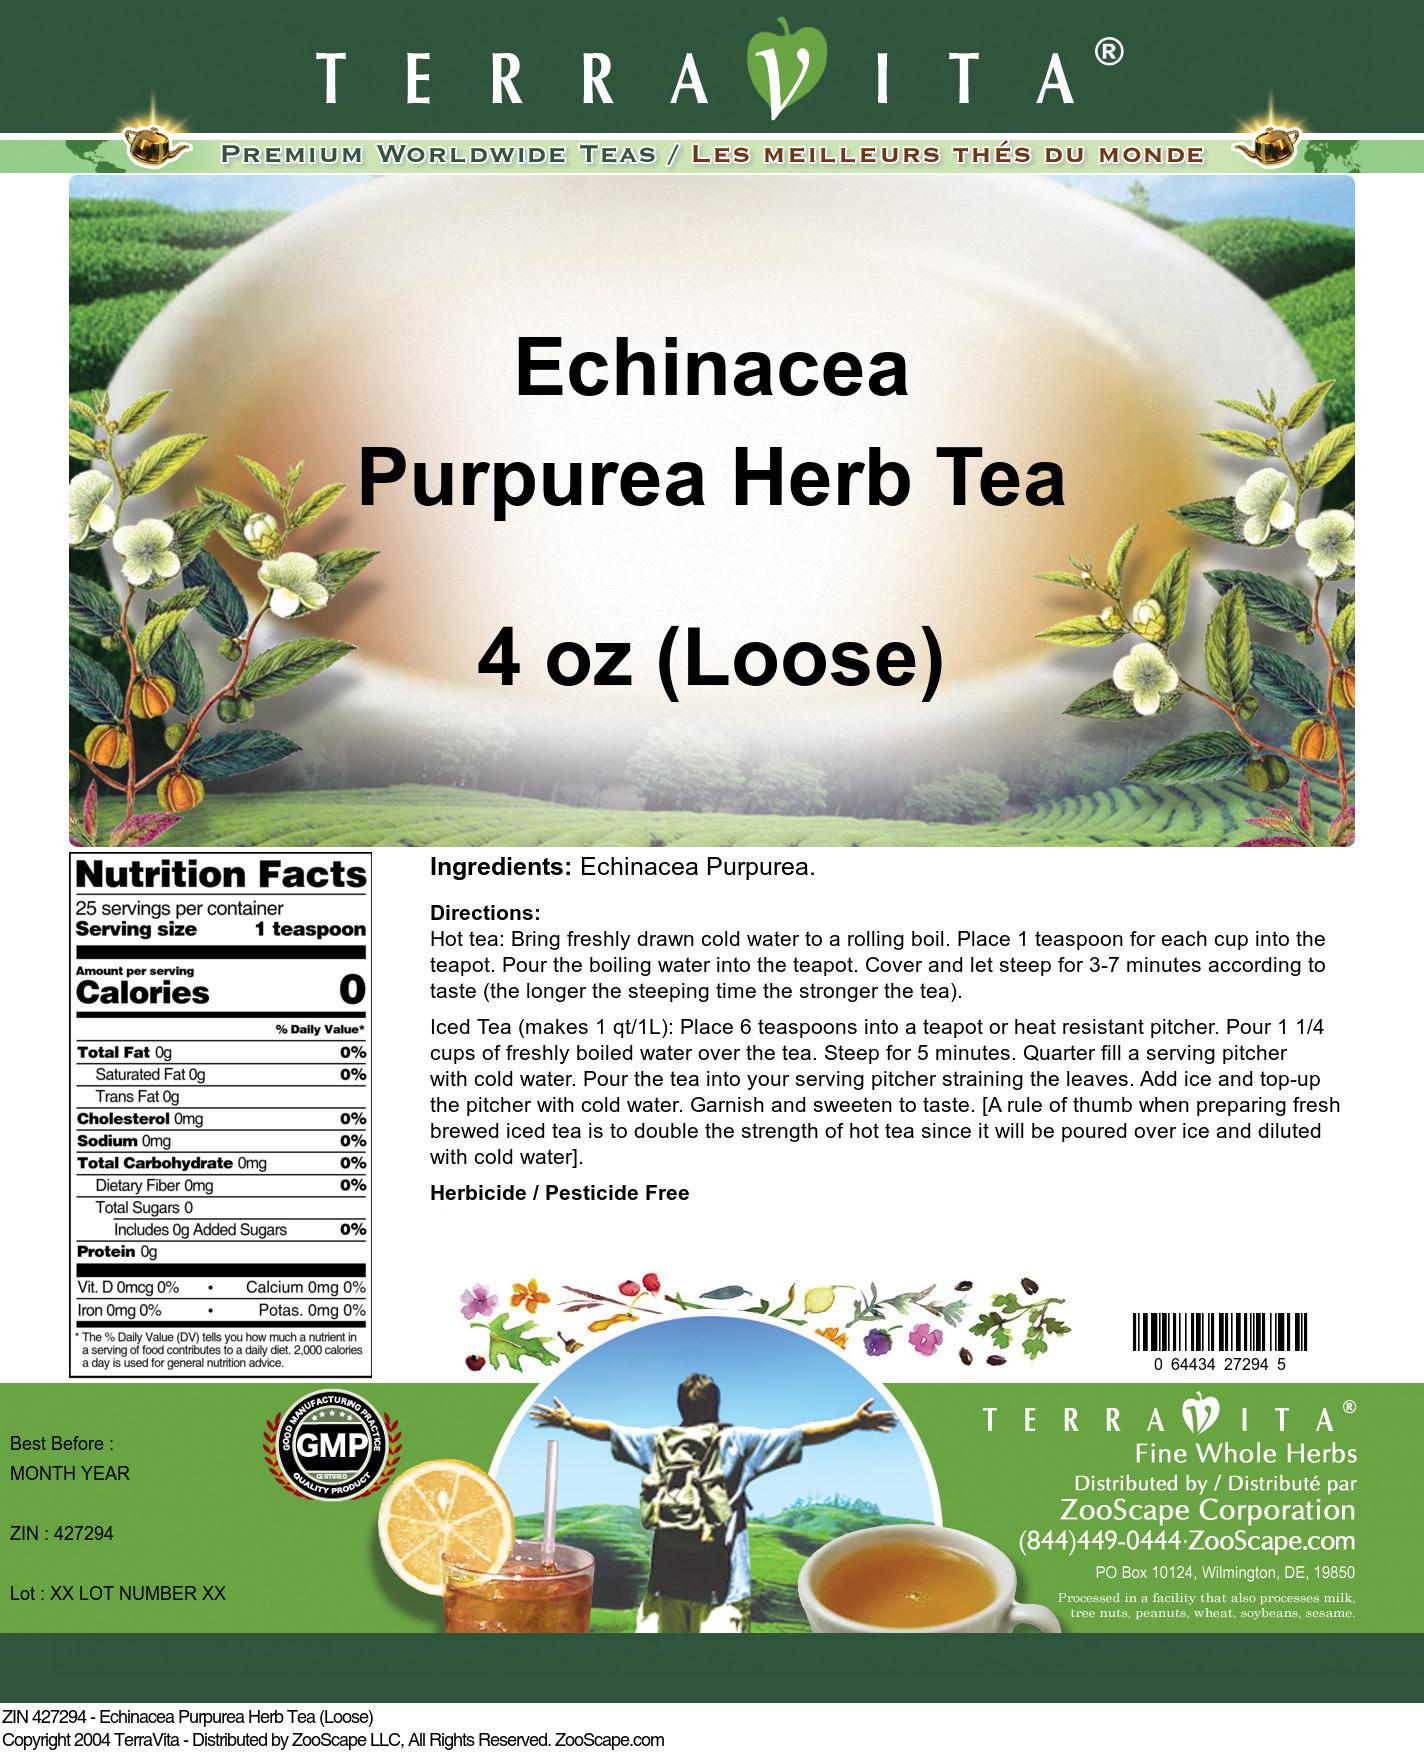 Echinacea Purpurea Herb Tea (Loose)